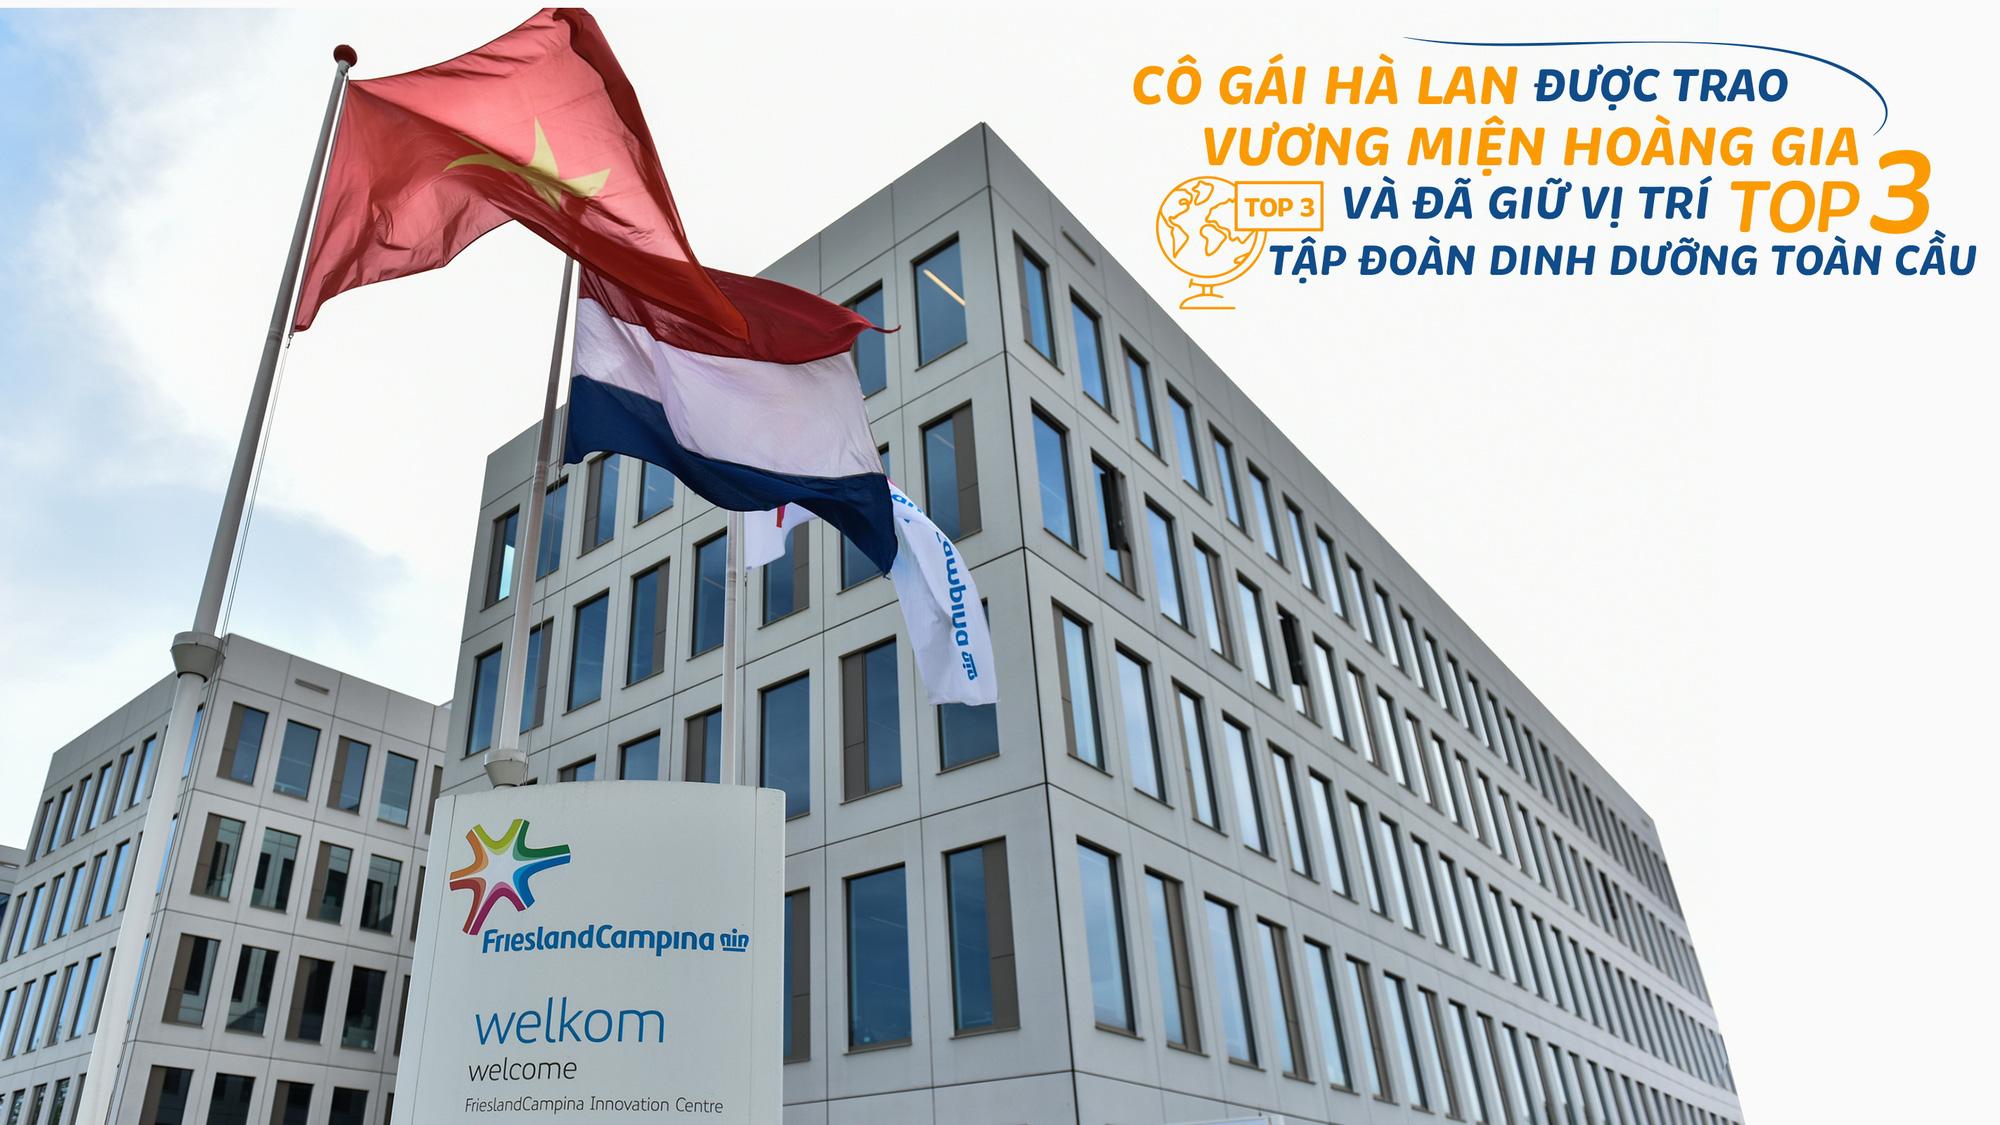 Tập đoàn sở hữu sữa Cô gái Hà Lan nằm trong Top 3 toàn cầu - Ảnh 1.